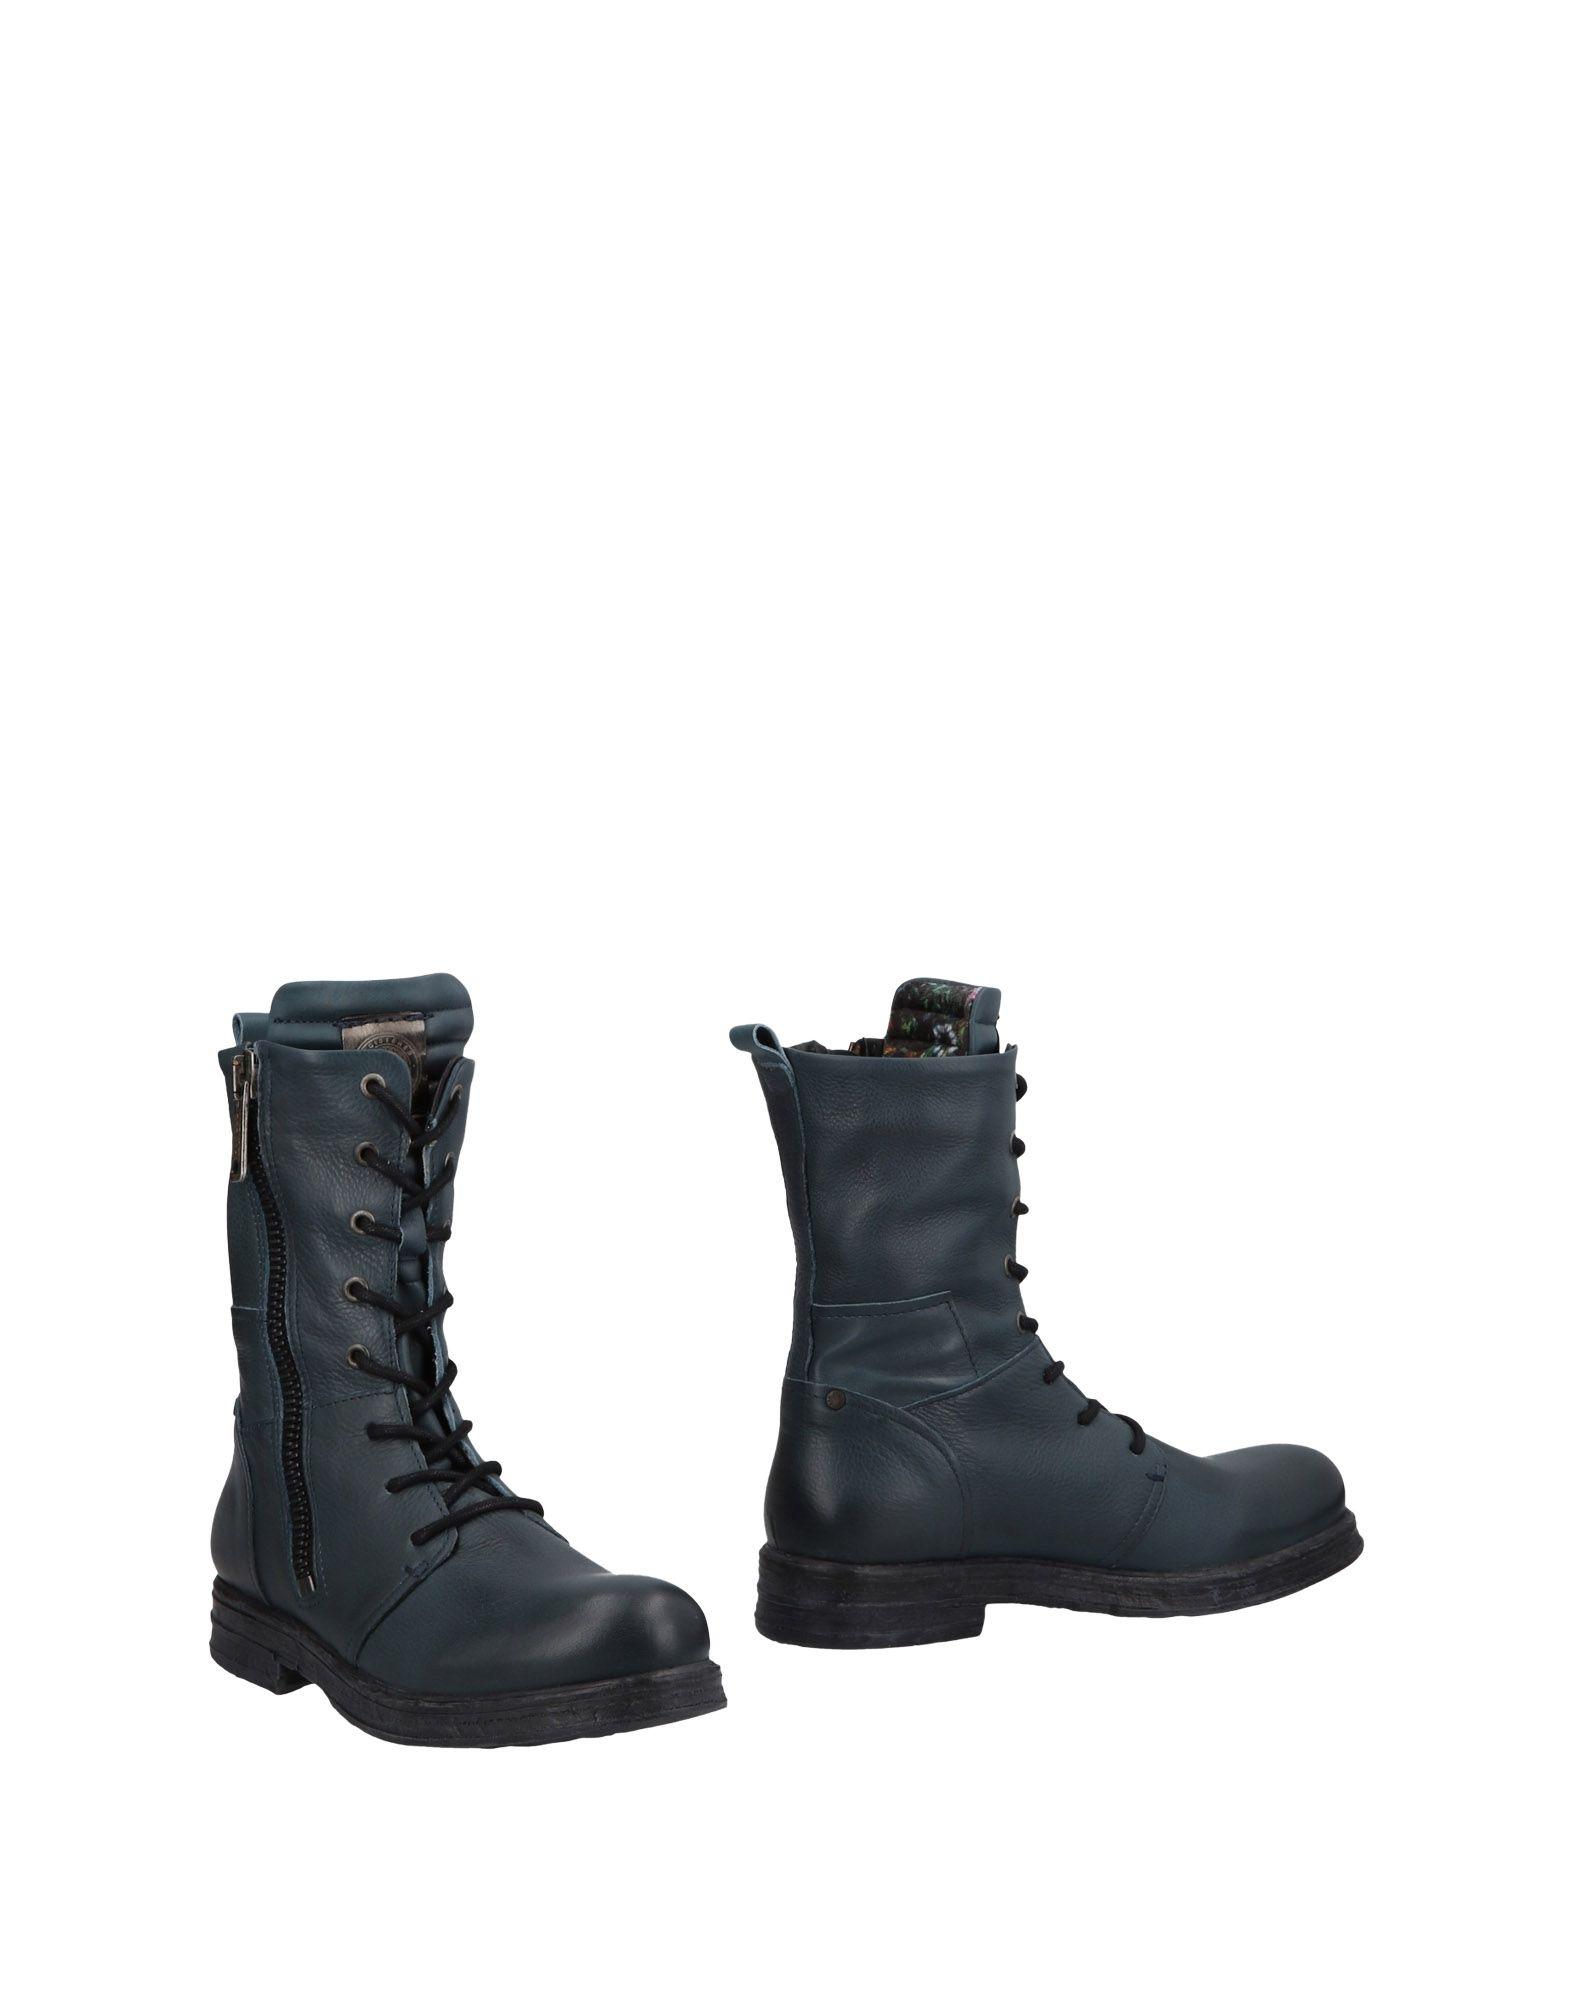 Replay Stiefelette Damen 11027990TR Gute Qualität beliebte beliebte beliebte Schuhe 32418b